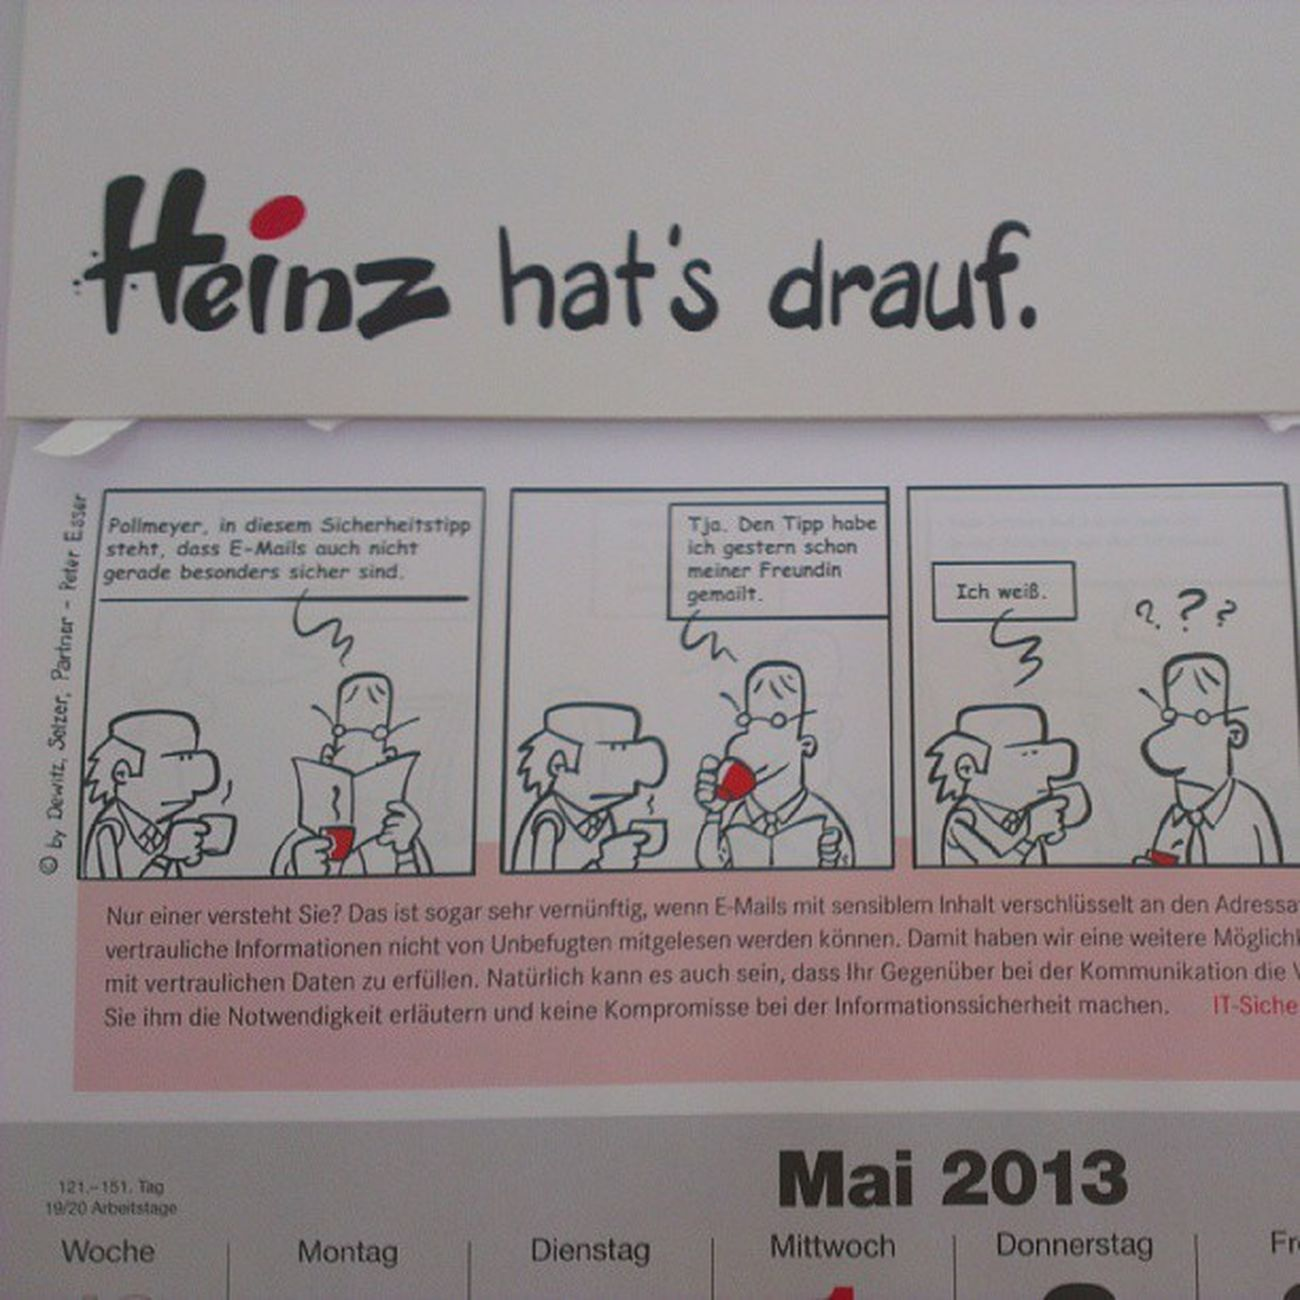 Warum nur musste ich da an die aktuelle Debatte um #Prism bzw. #VDS denken? :D #Comic #Kalender #Heinzhatsdrauf Comic Prism Kalender Heinzhatsdrauf Vds